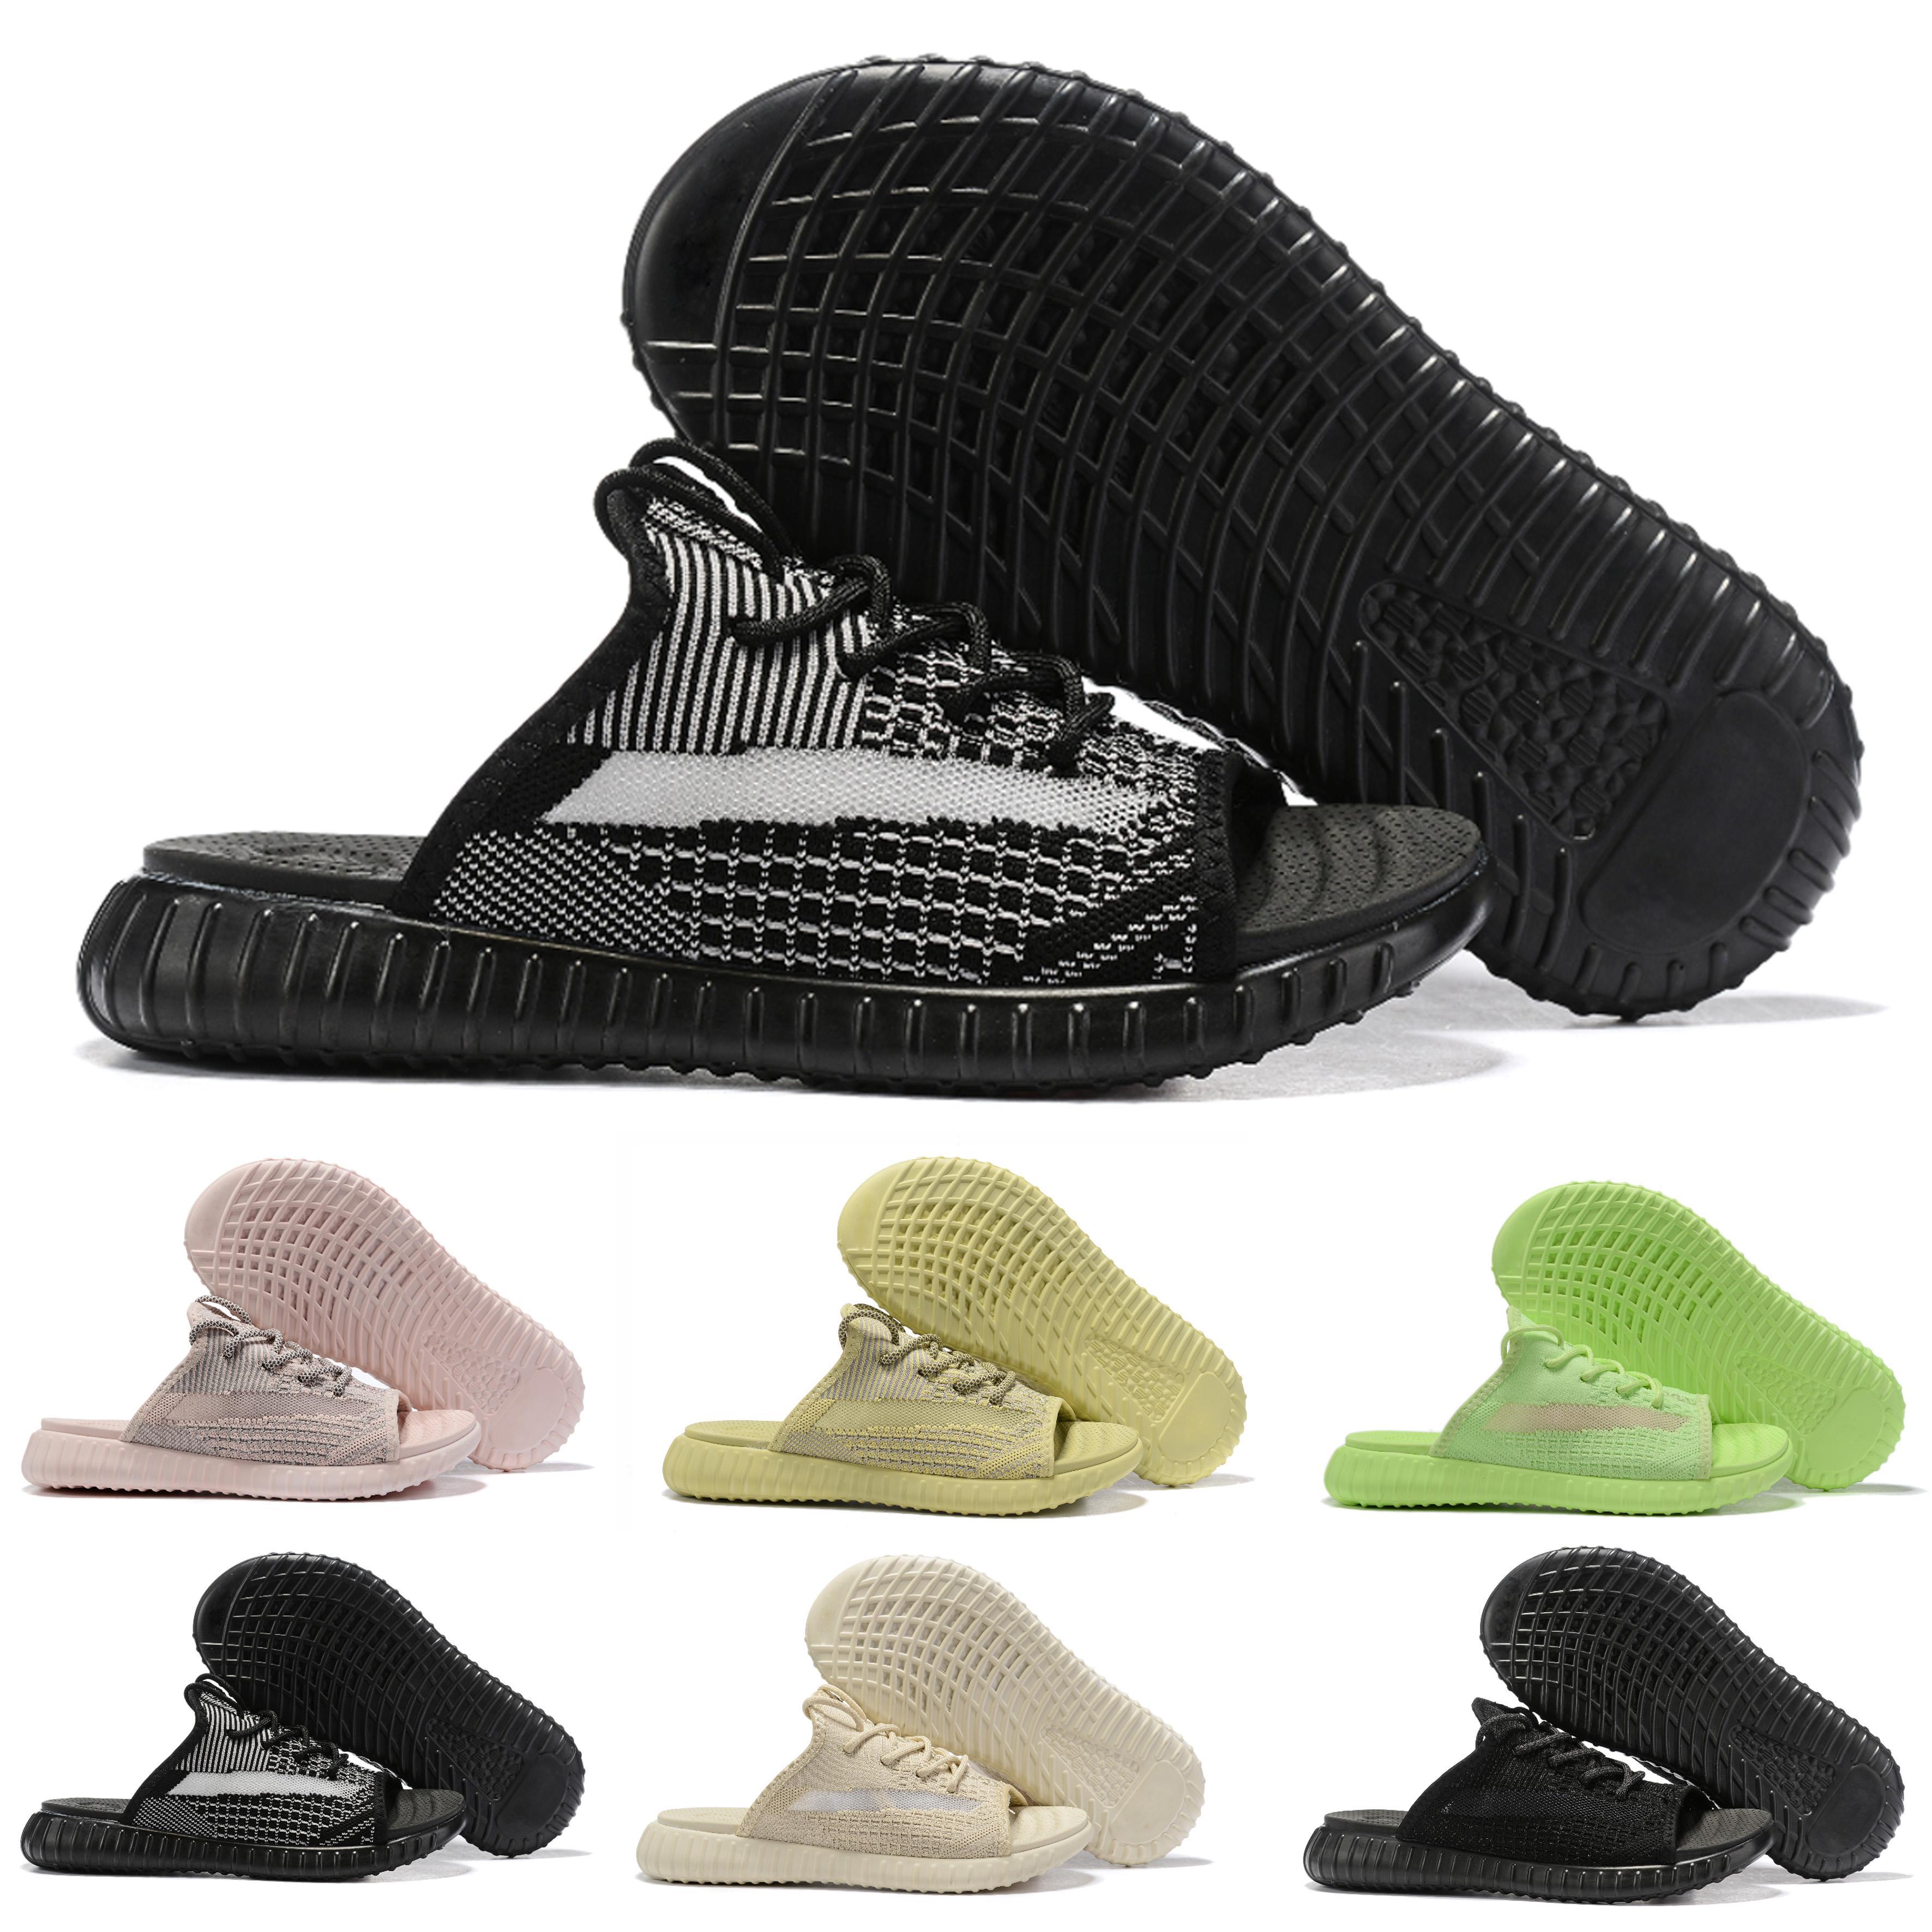 2020 Designer Sandales V2 véritable forme Hyperspace argile statique statique Refective Zebra Bred Femmes Hommes Prestige Plage Slipper Tongs Chaussons